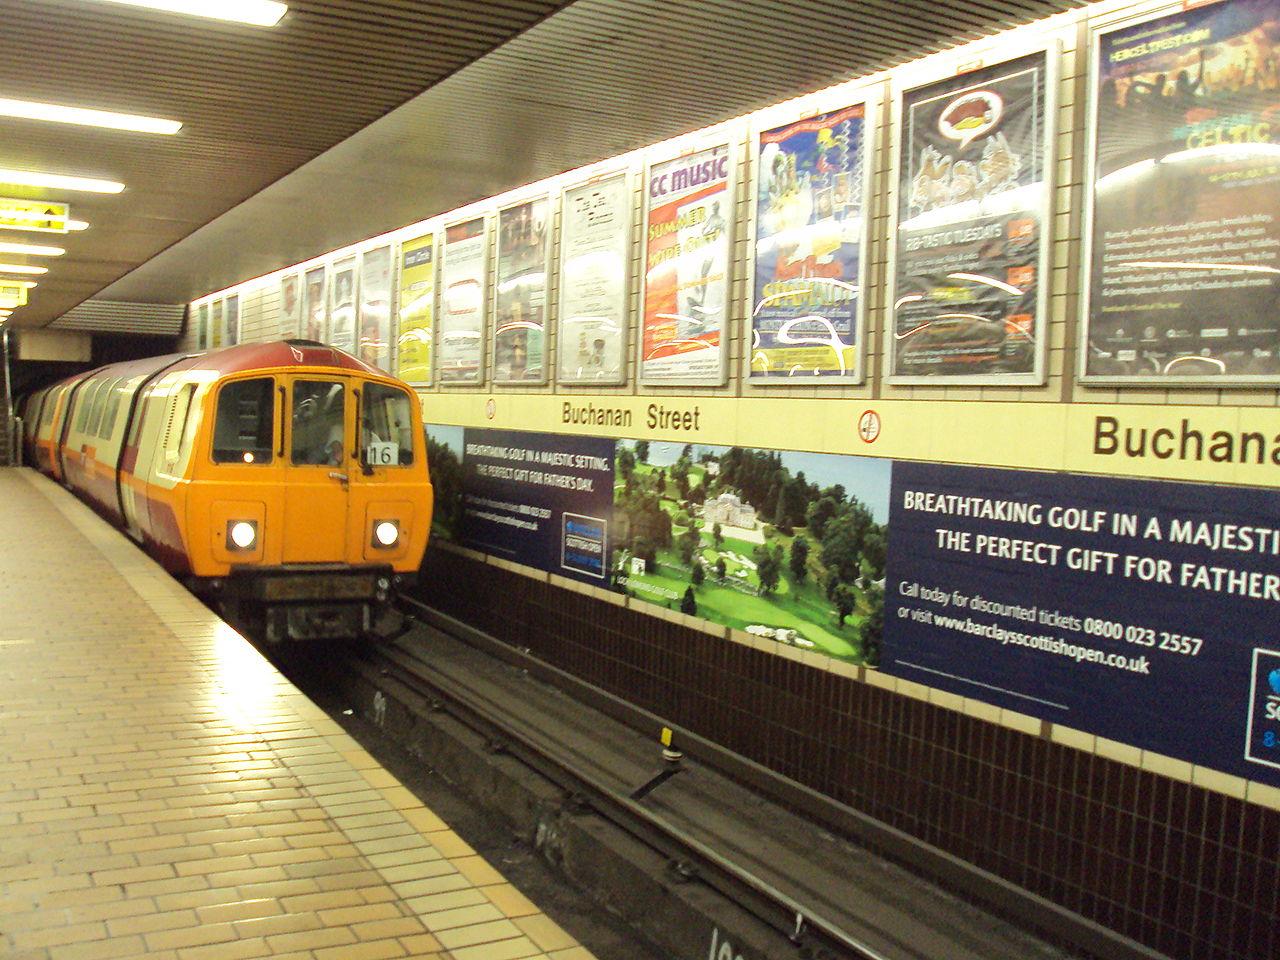 File:Subway train at B...